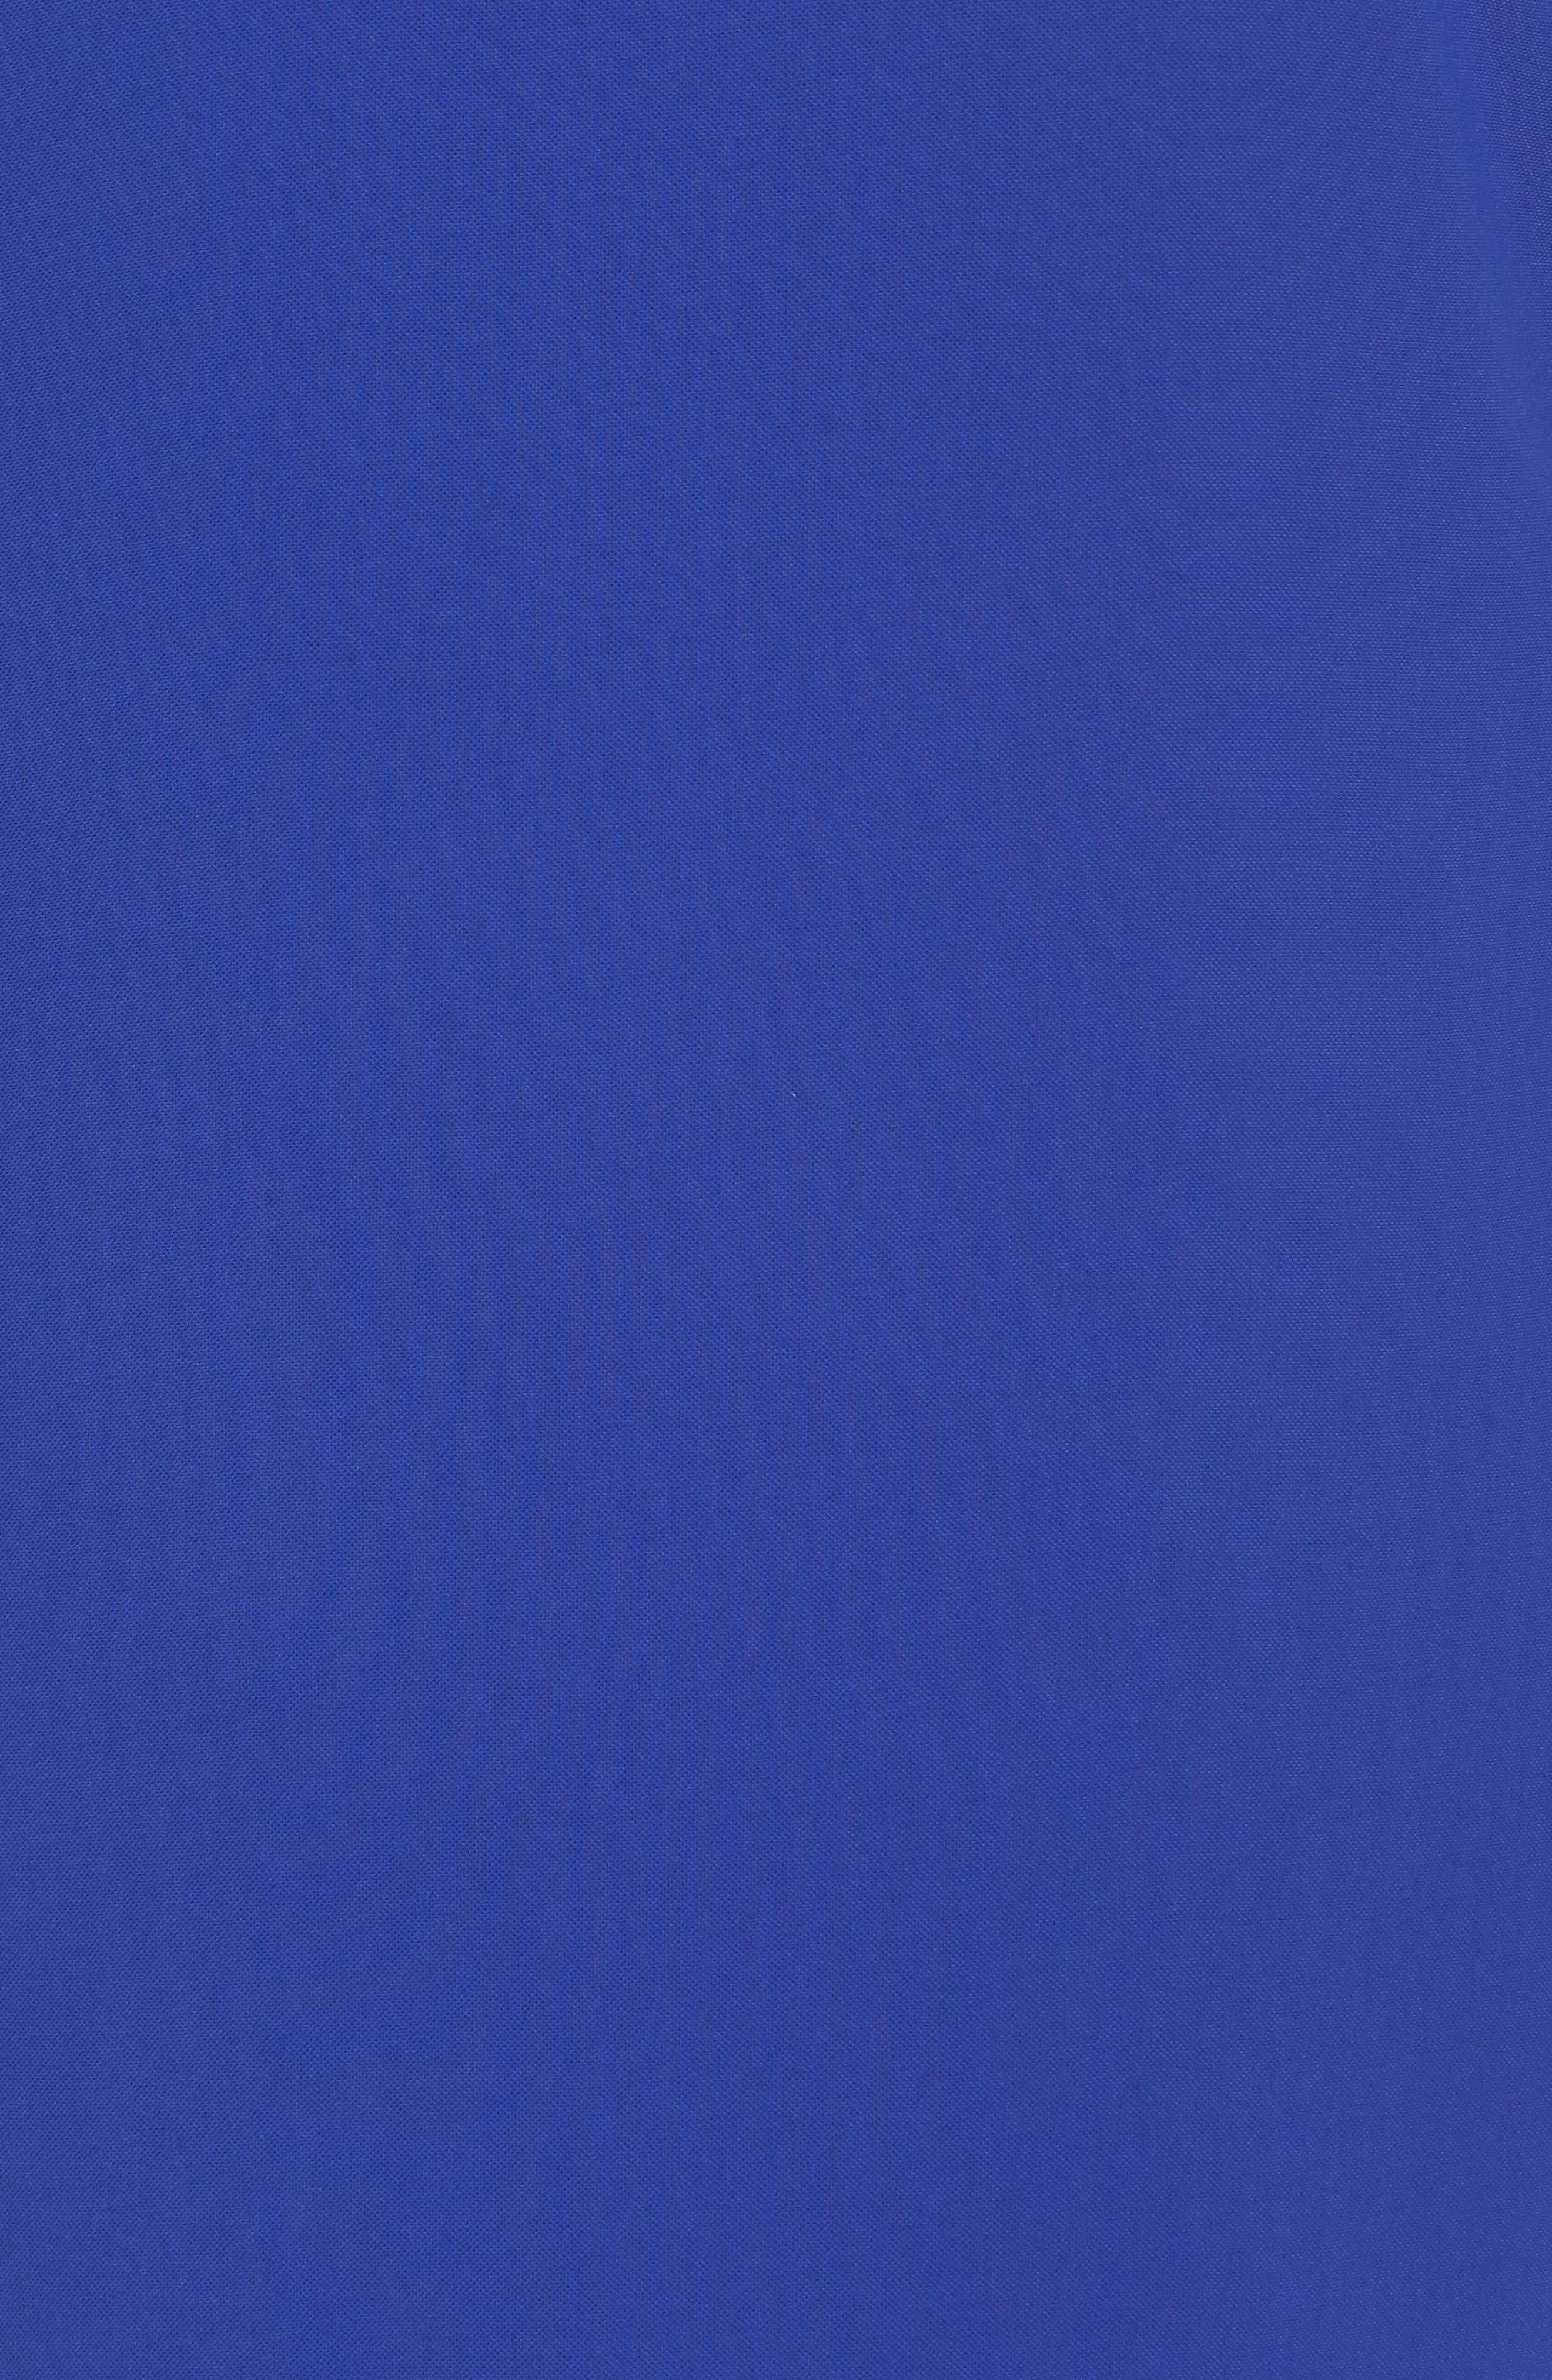 Ruffle Sleeve Crepe Shift Dress,                             Alternate thumbnail 5, color,                             492